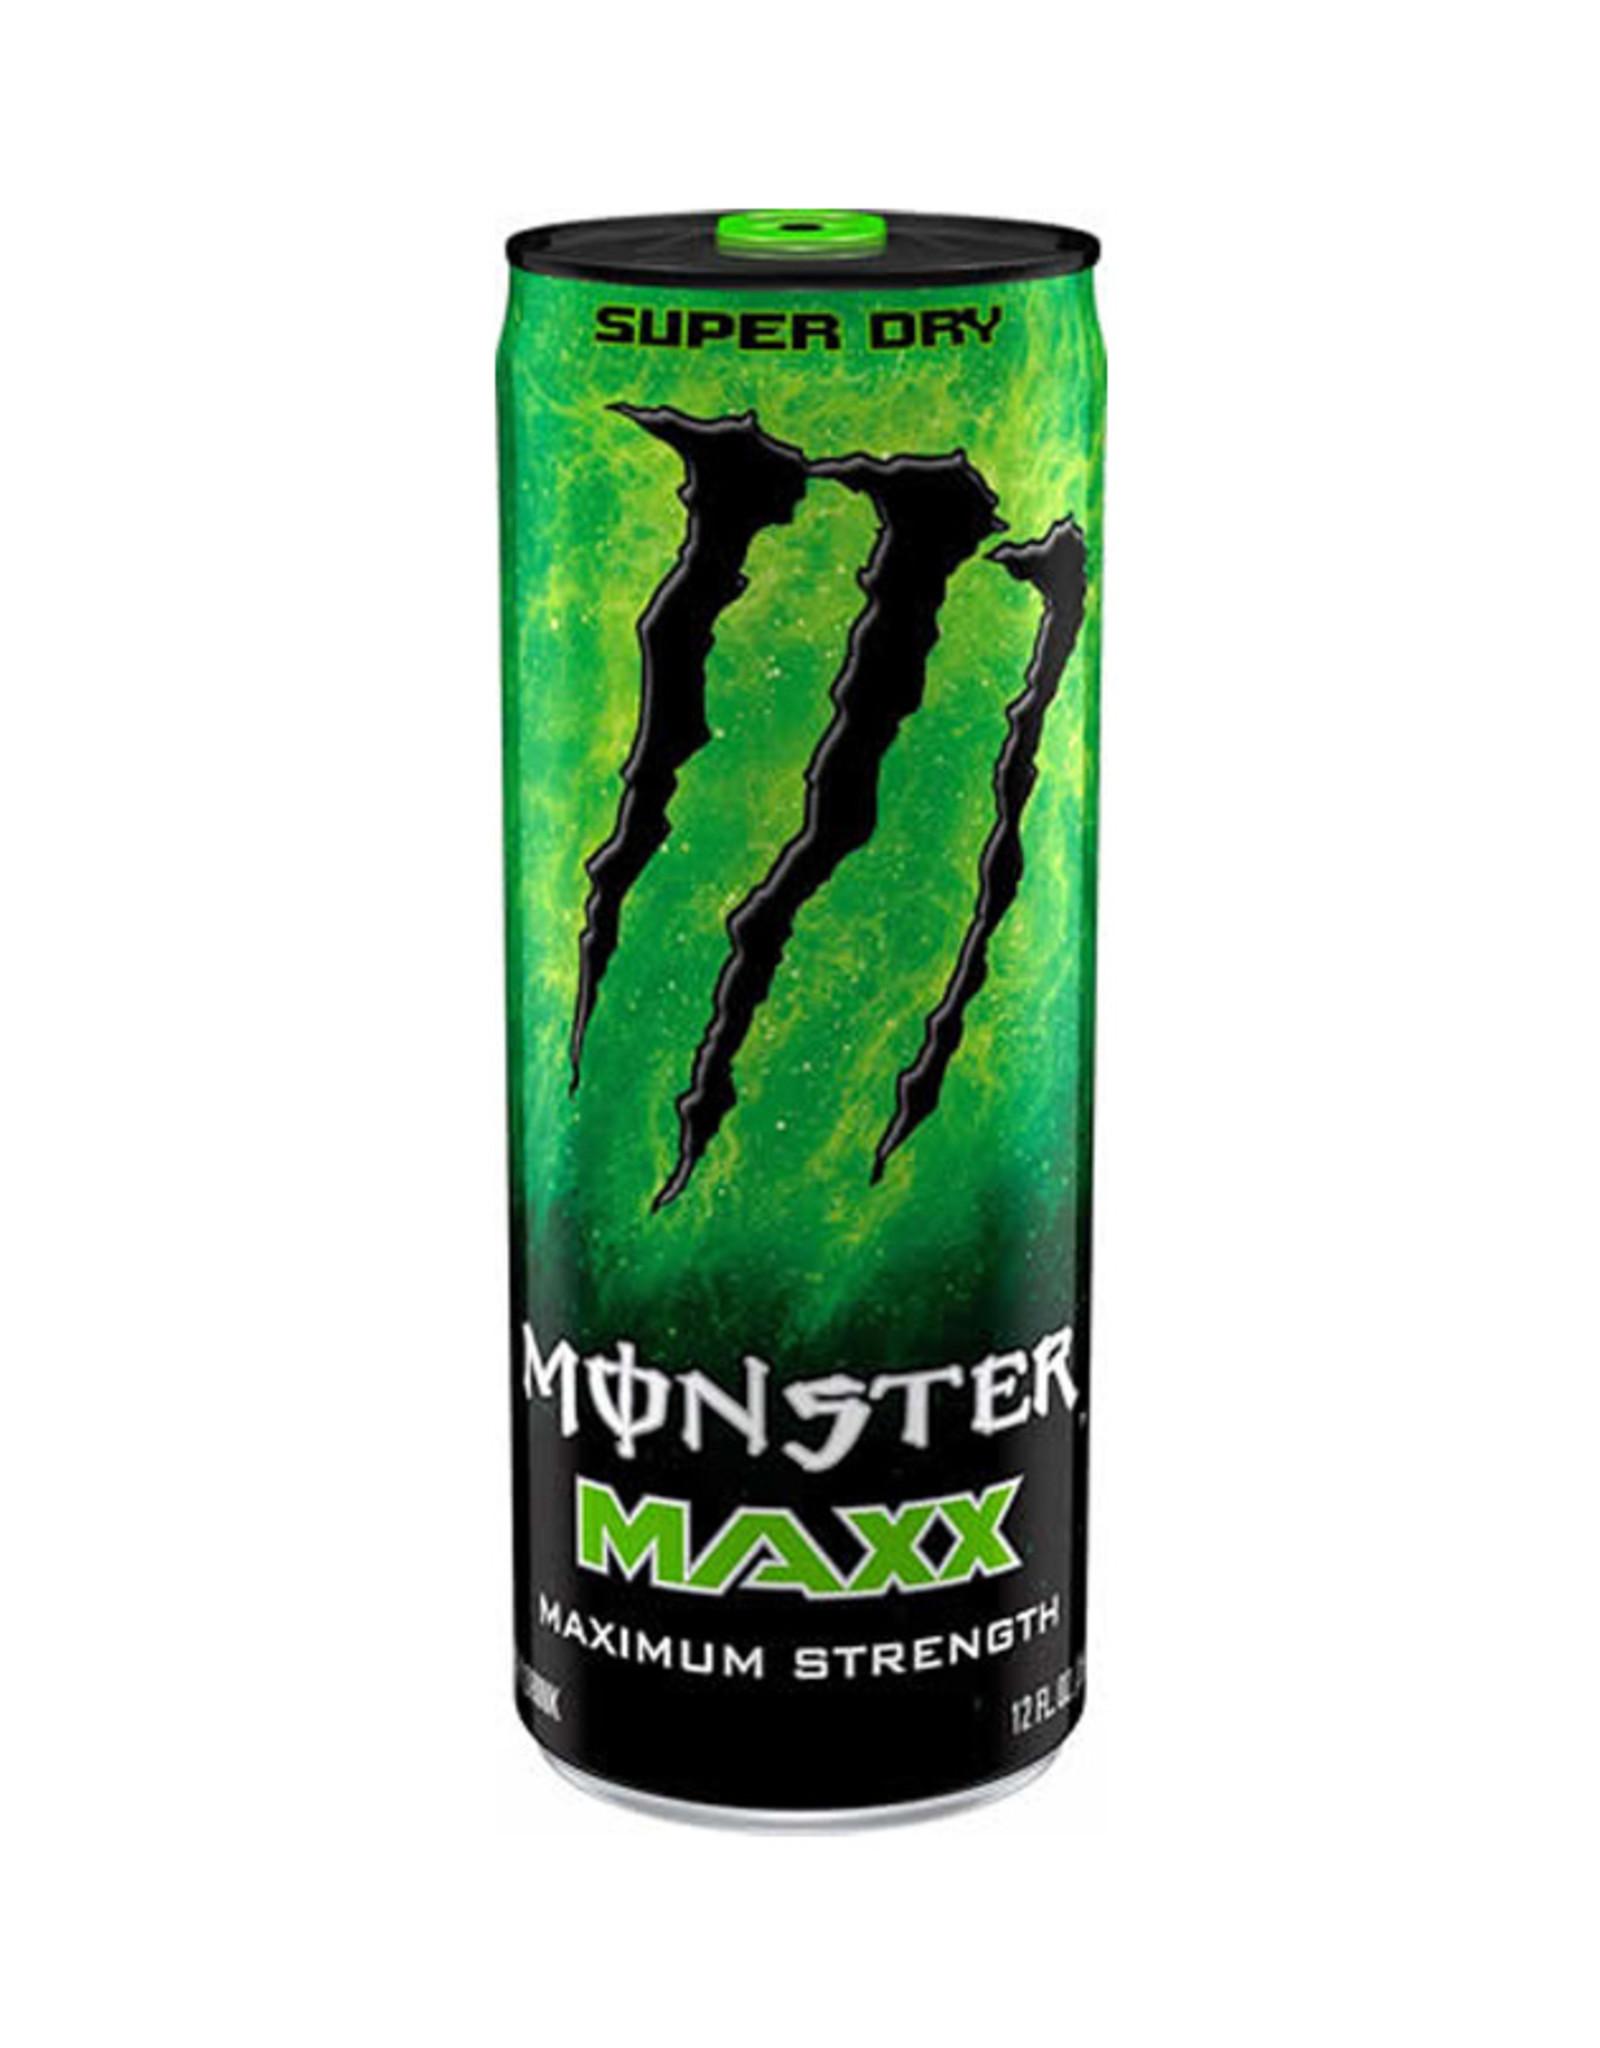 Monster Maxx Super Dry (import) - 355ml